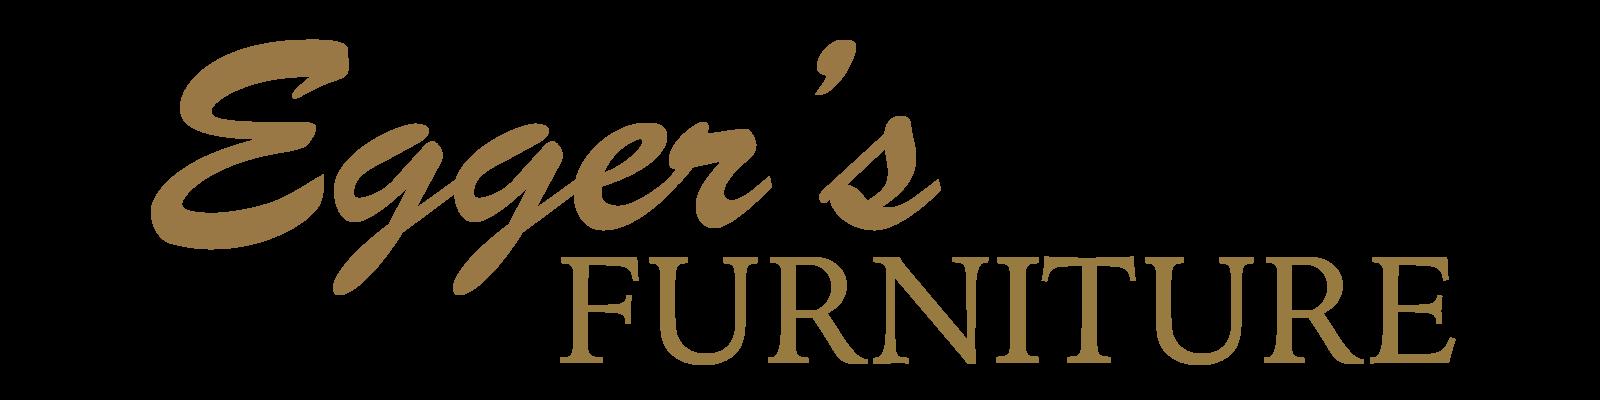 Eggeru0027s Furniture